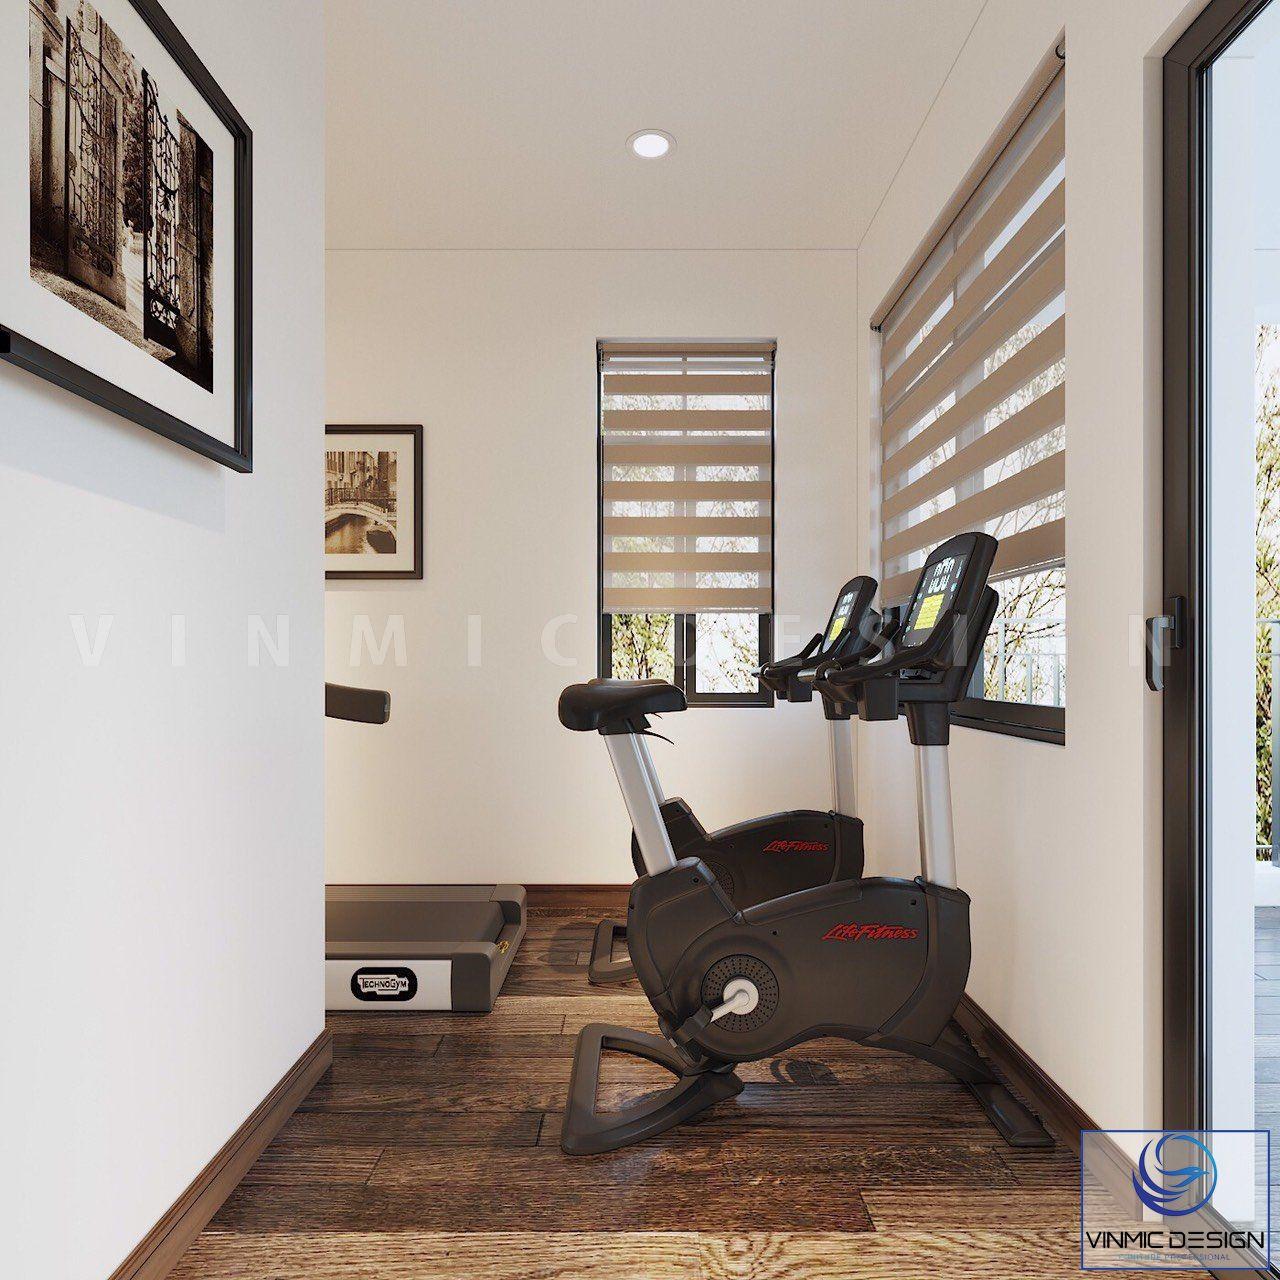 Một góc nhỏ của biệt thự để đặt máy chạy thể dục, năng cao sức khỏe